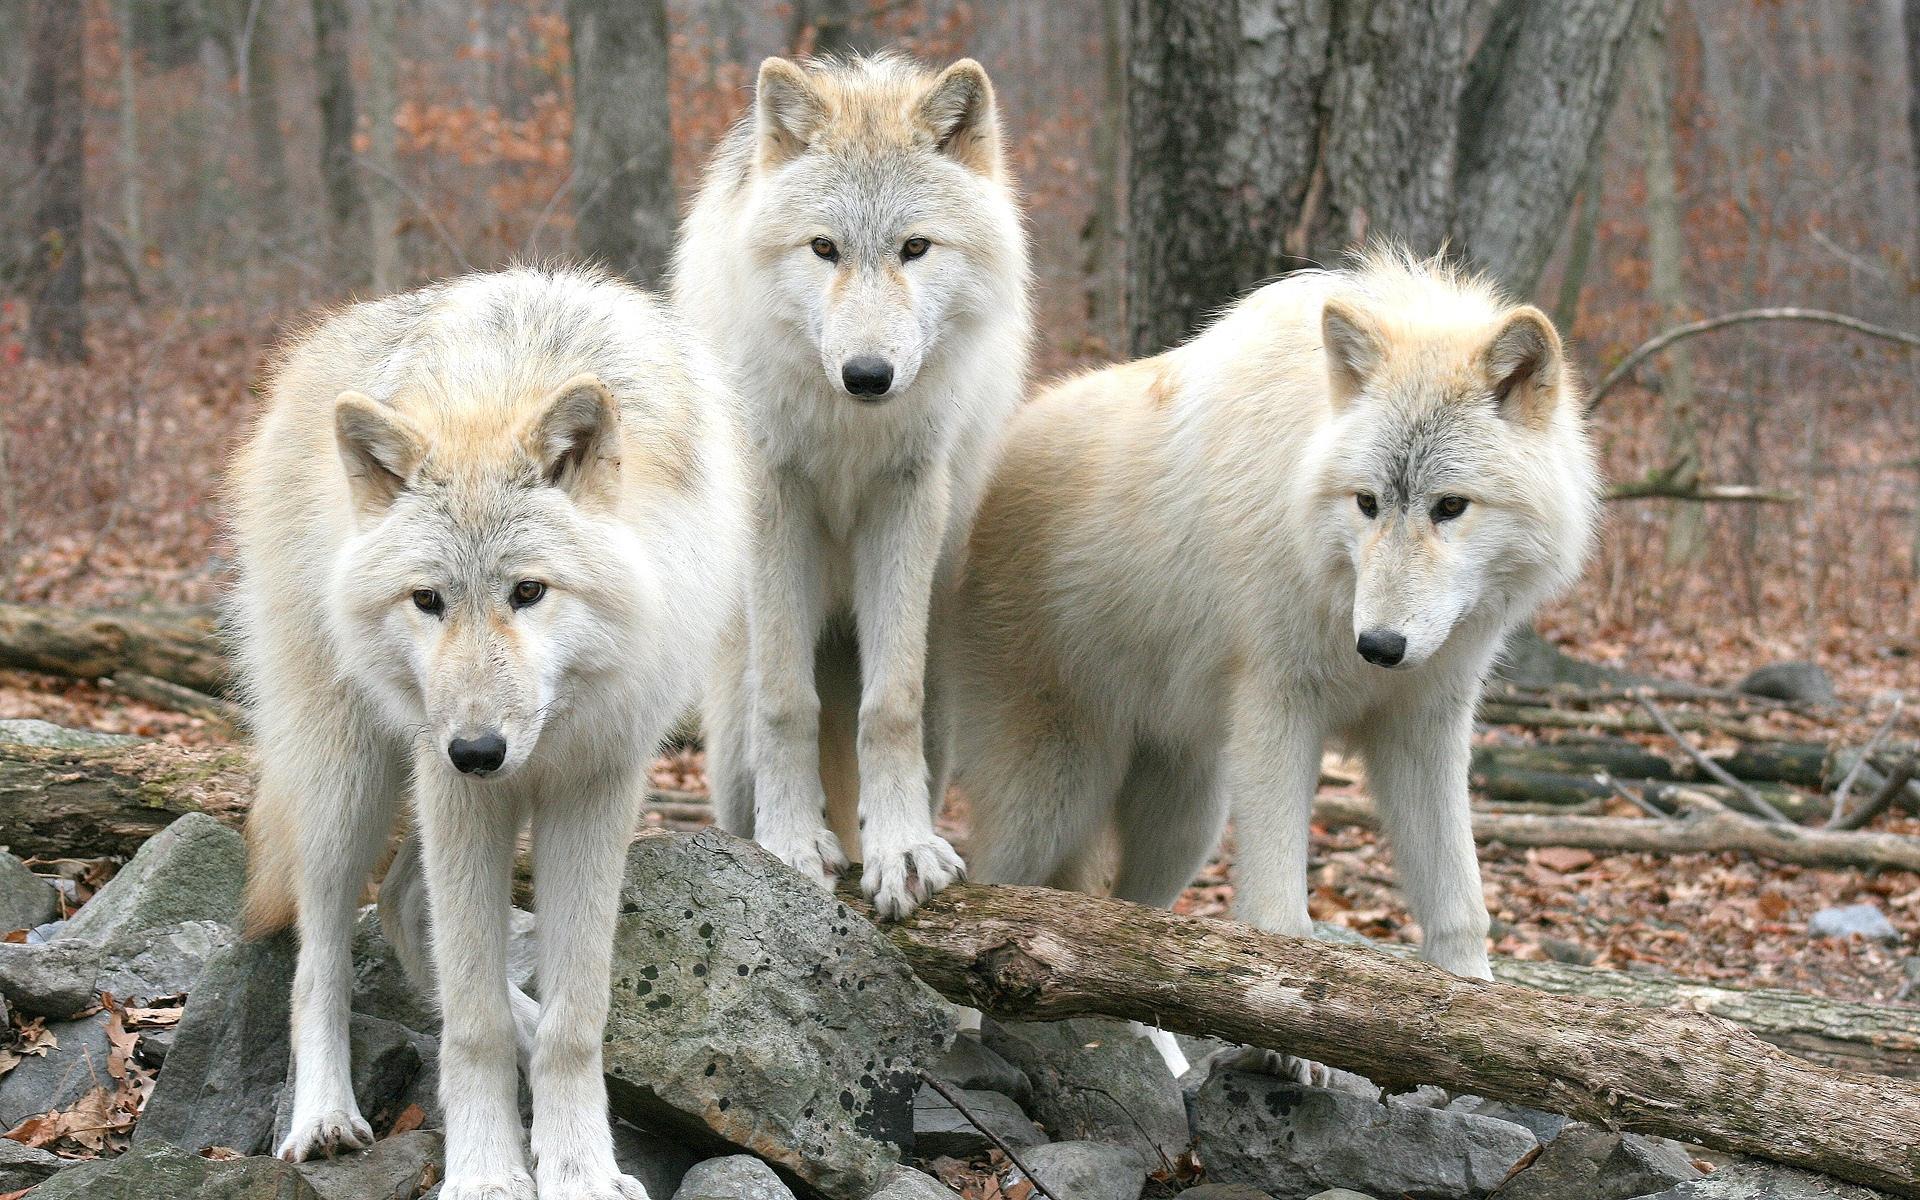 34846 Hintergrundbild herunterladen Wölfe, Tiere - Bildschirmschoner und Bilder kostenlos